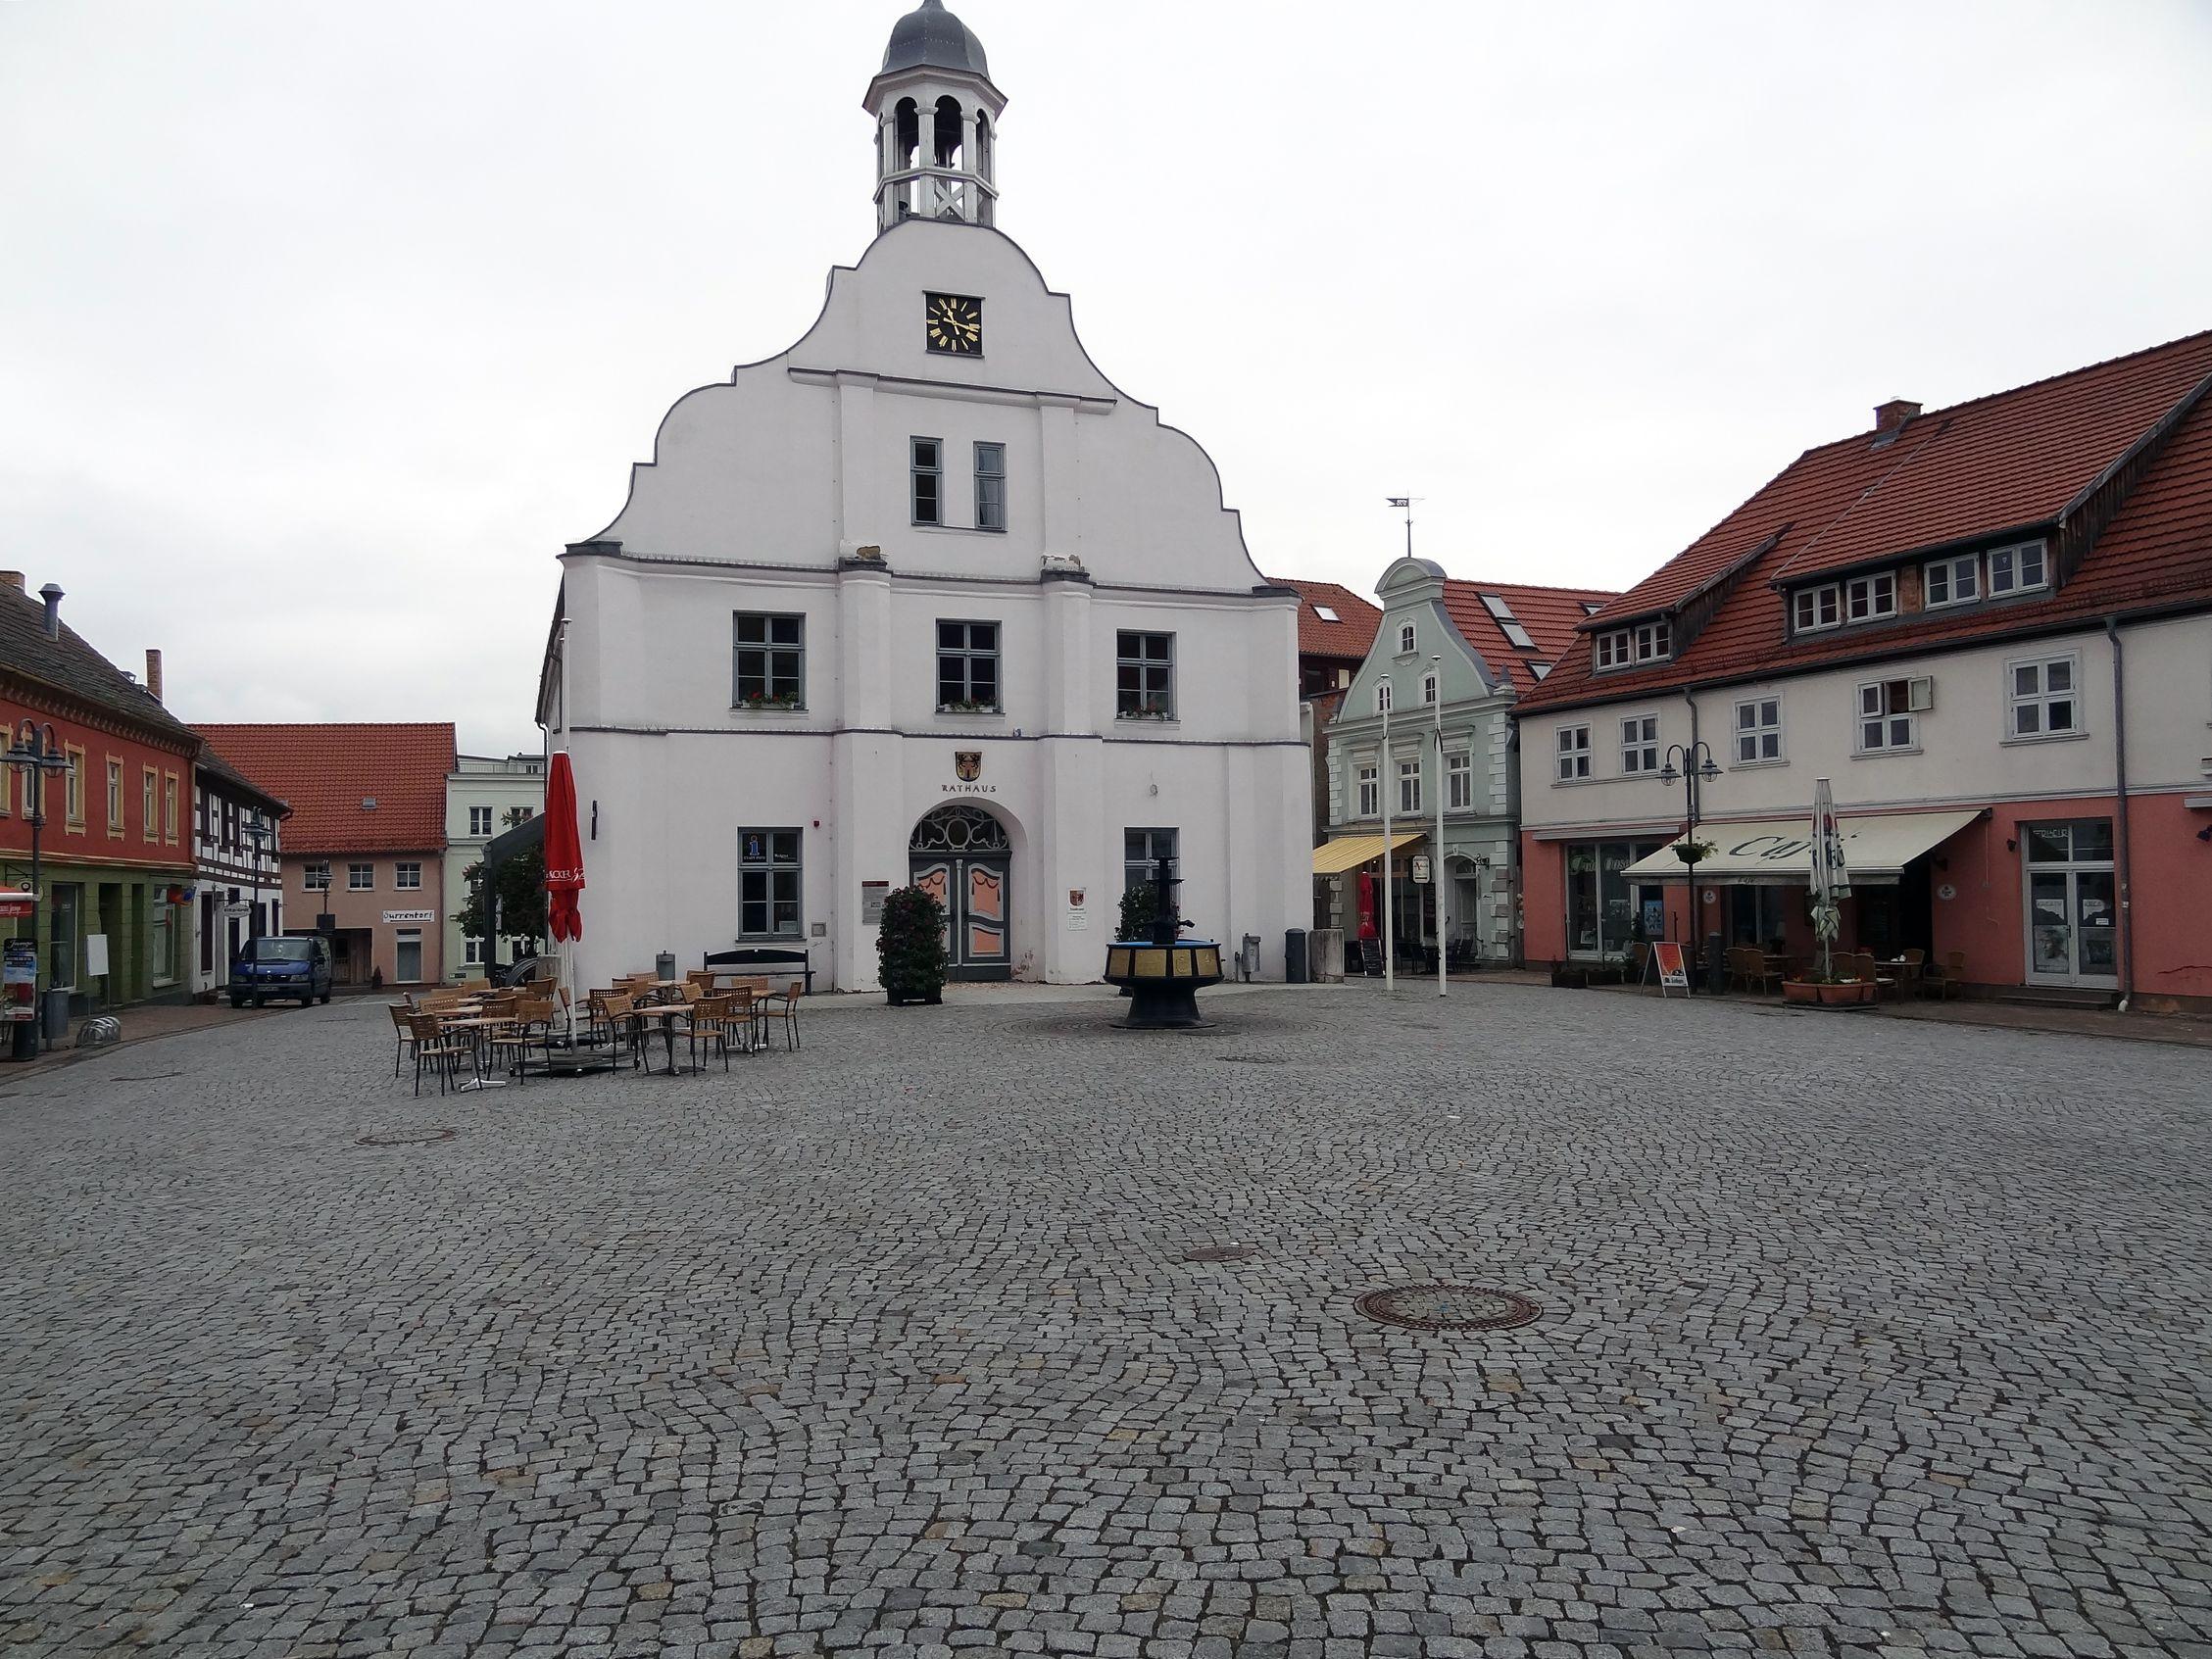 Rathausplatz in Wolgast